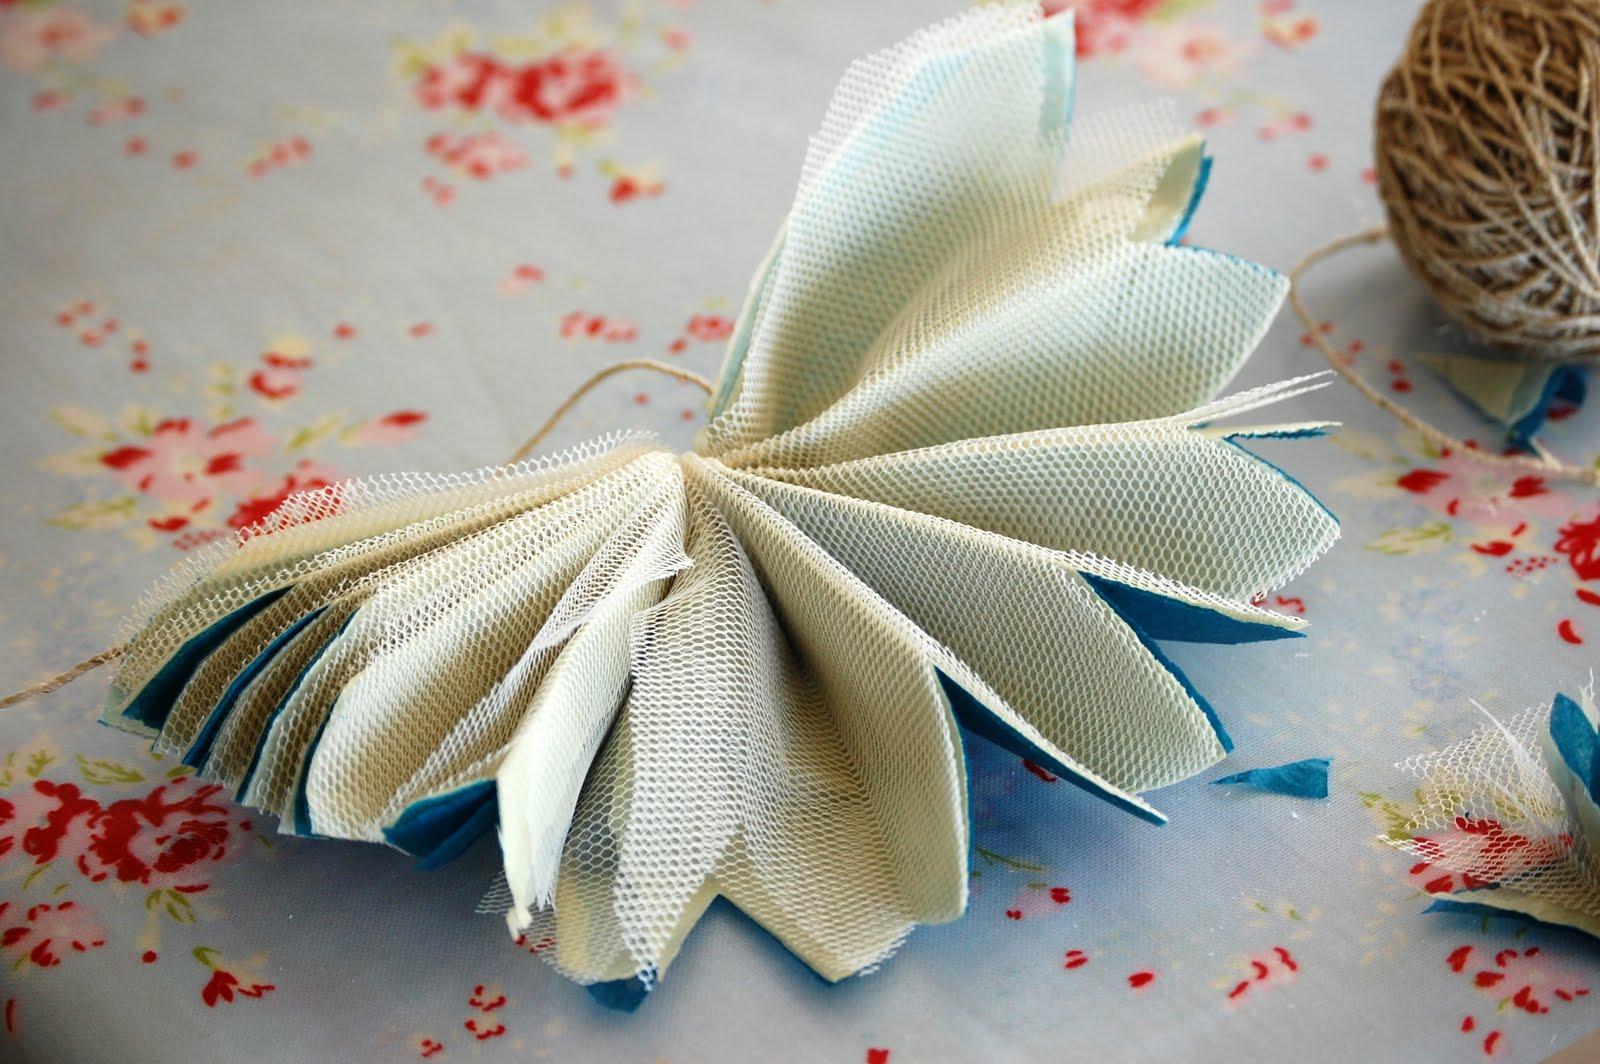 Цветы из тюли своими руками